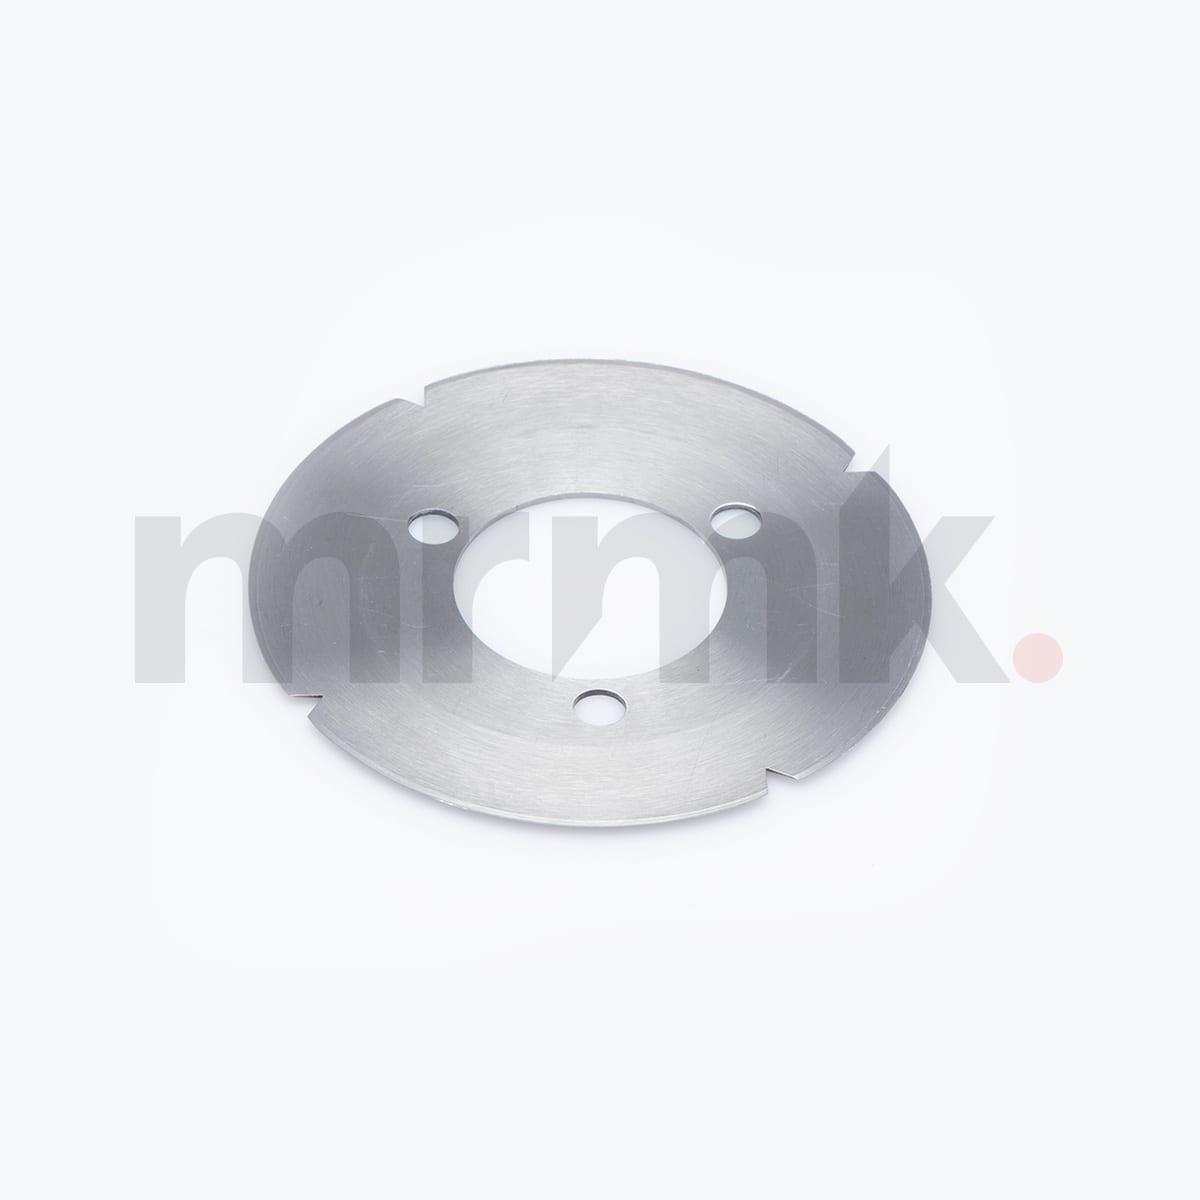 Tiromat / CFS / GEA Compatible 9